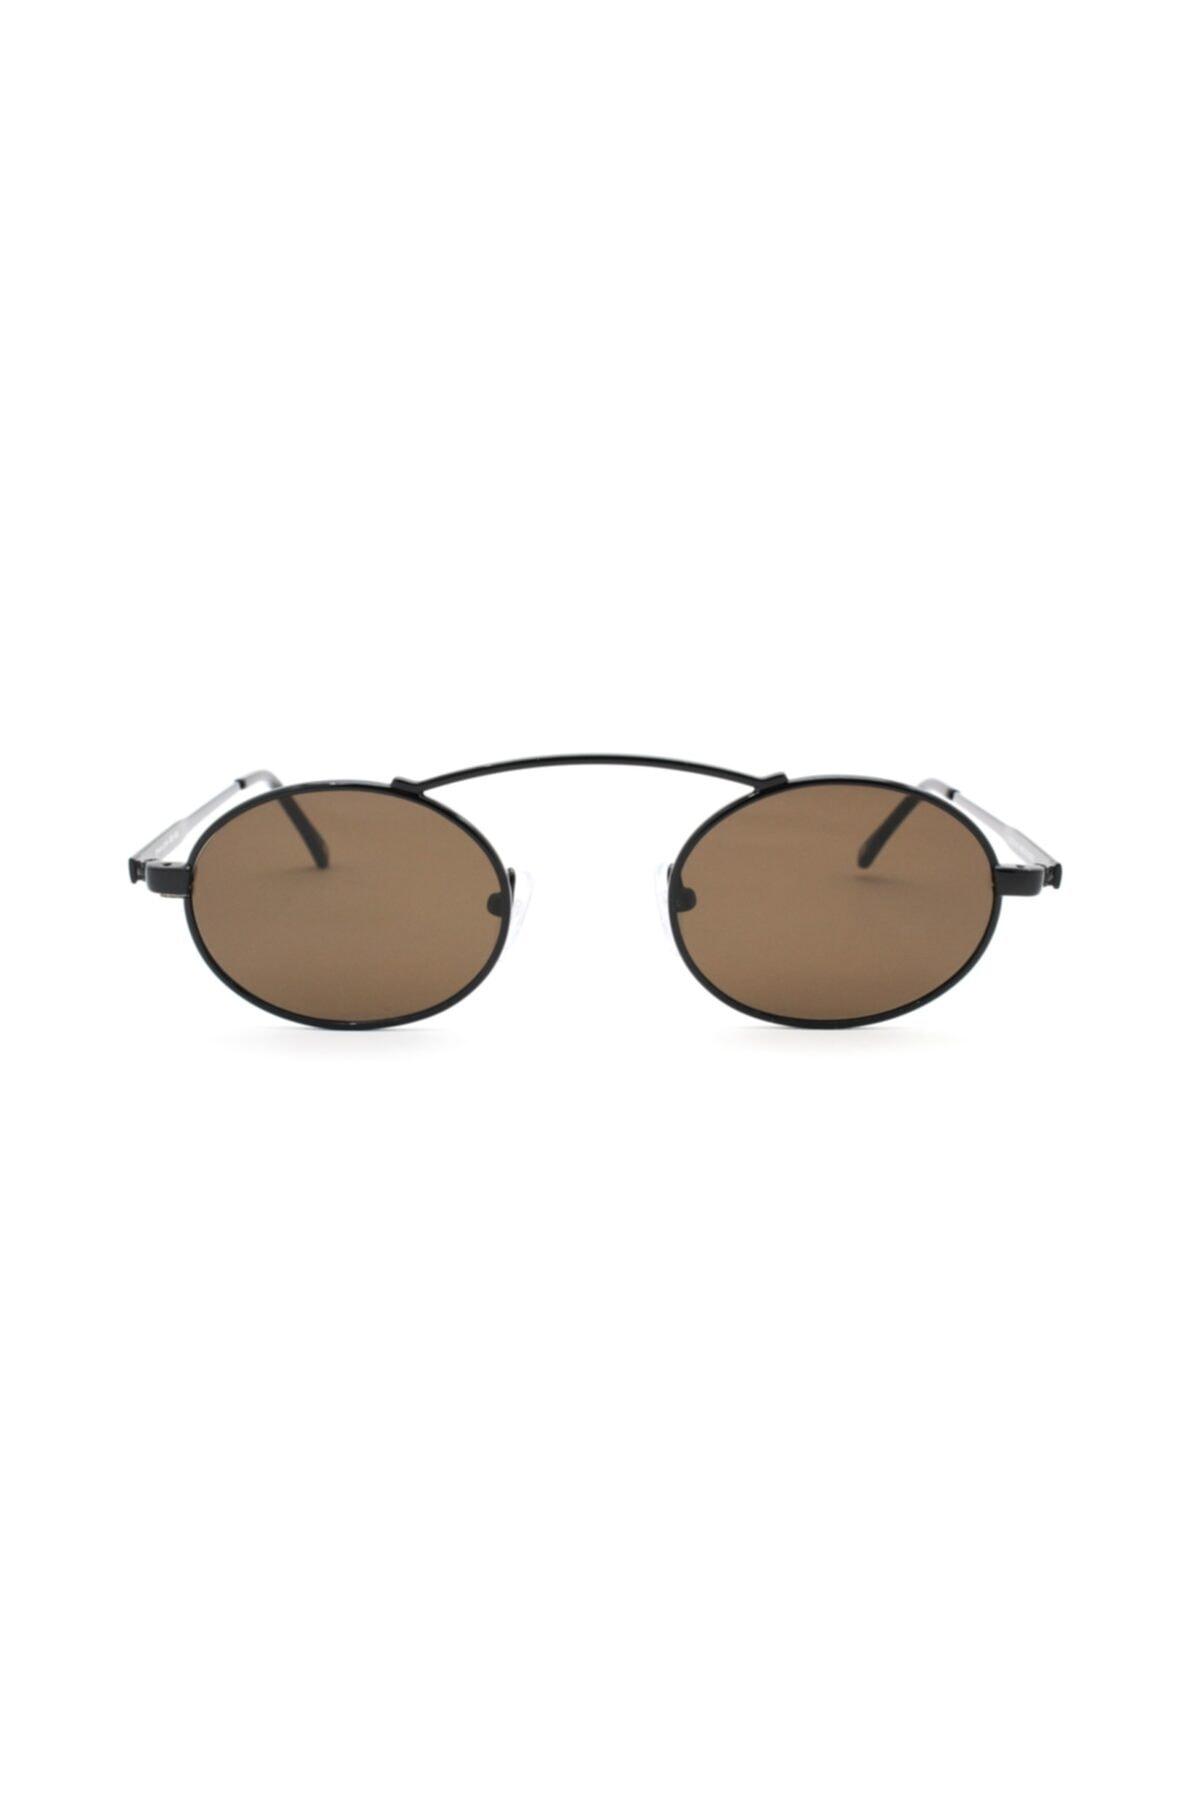 Franco Vital Isıs Blk-kahve 47 Ekartman Bayan Güneş Gözlüğü 2